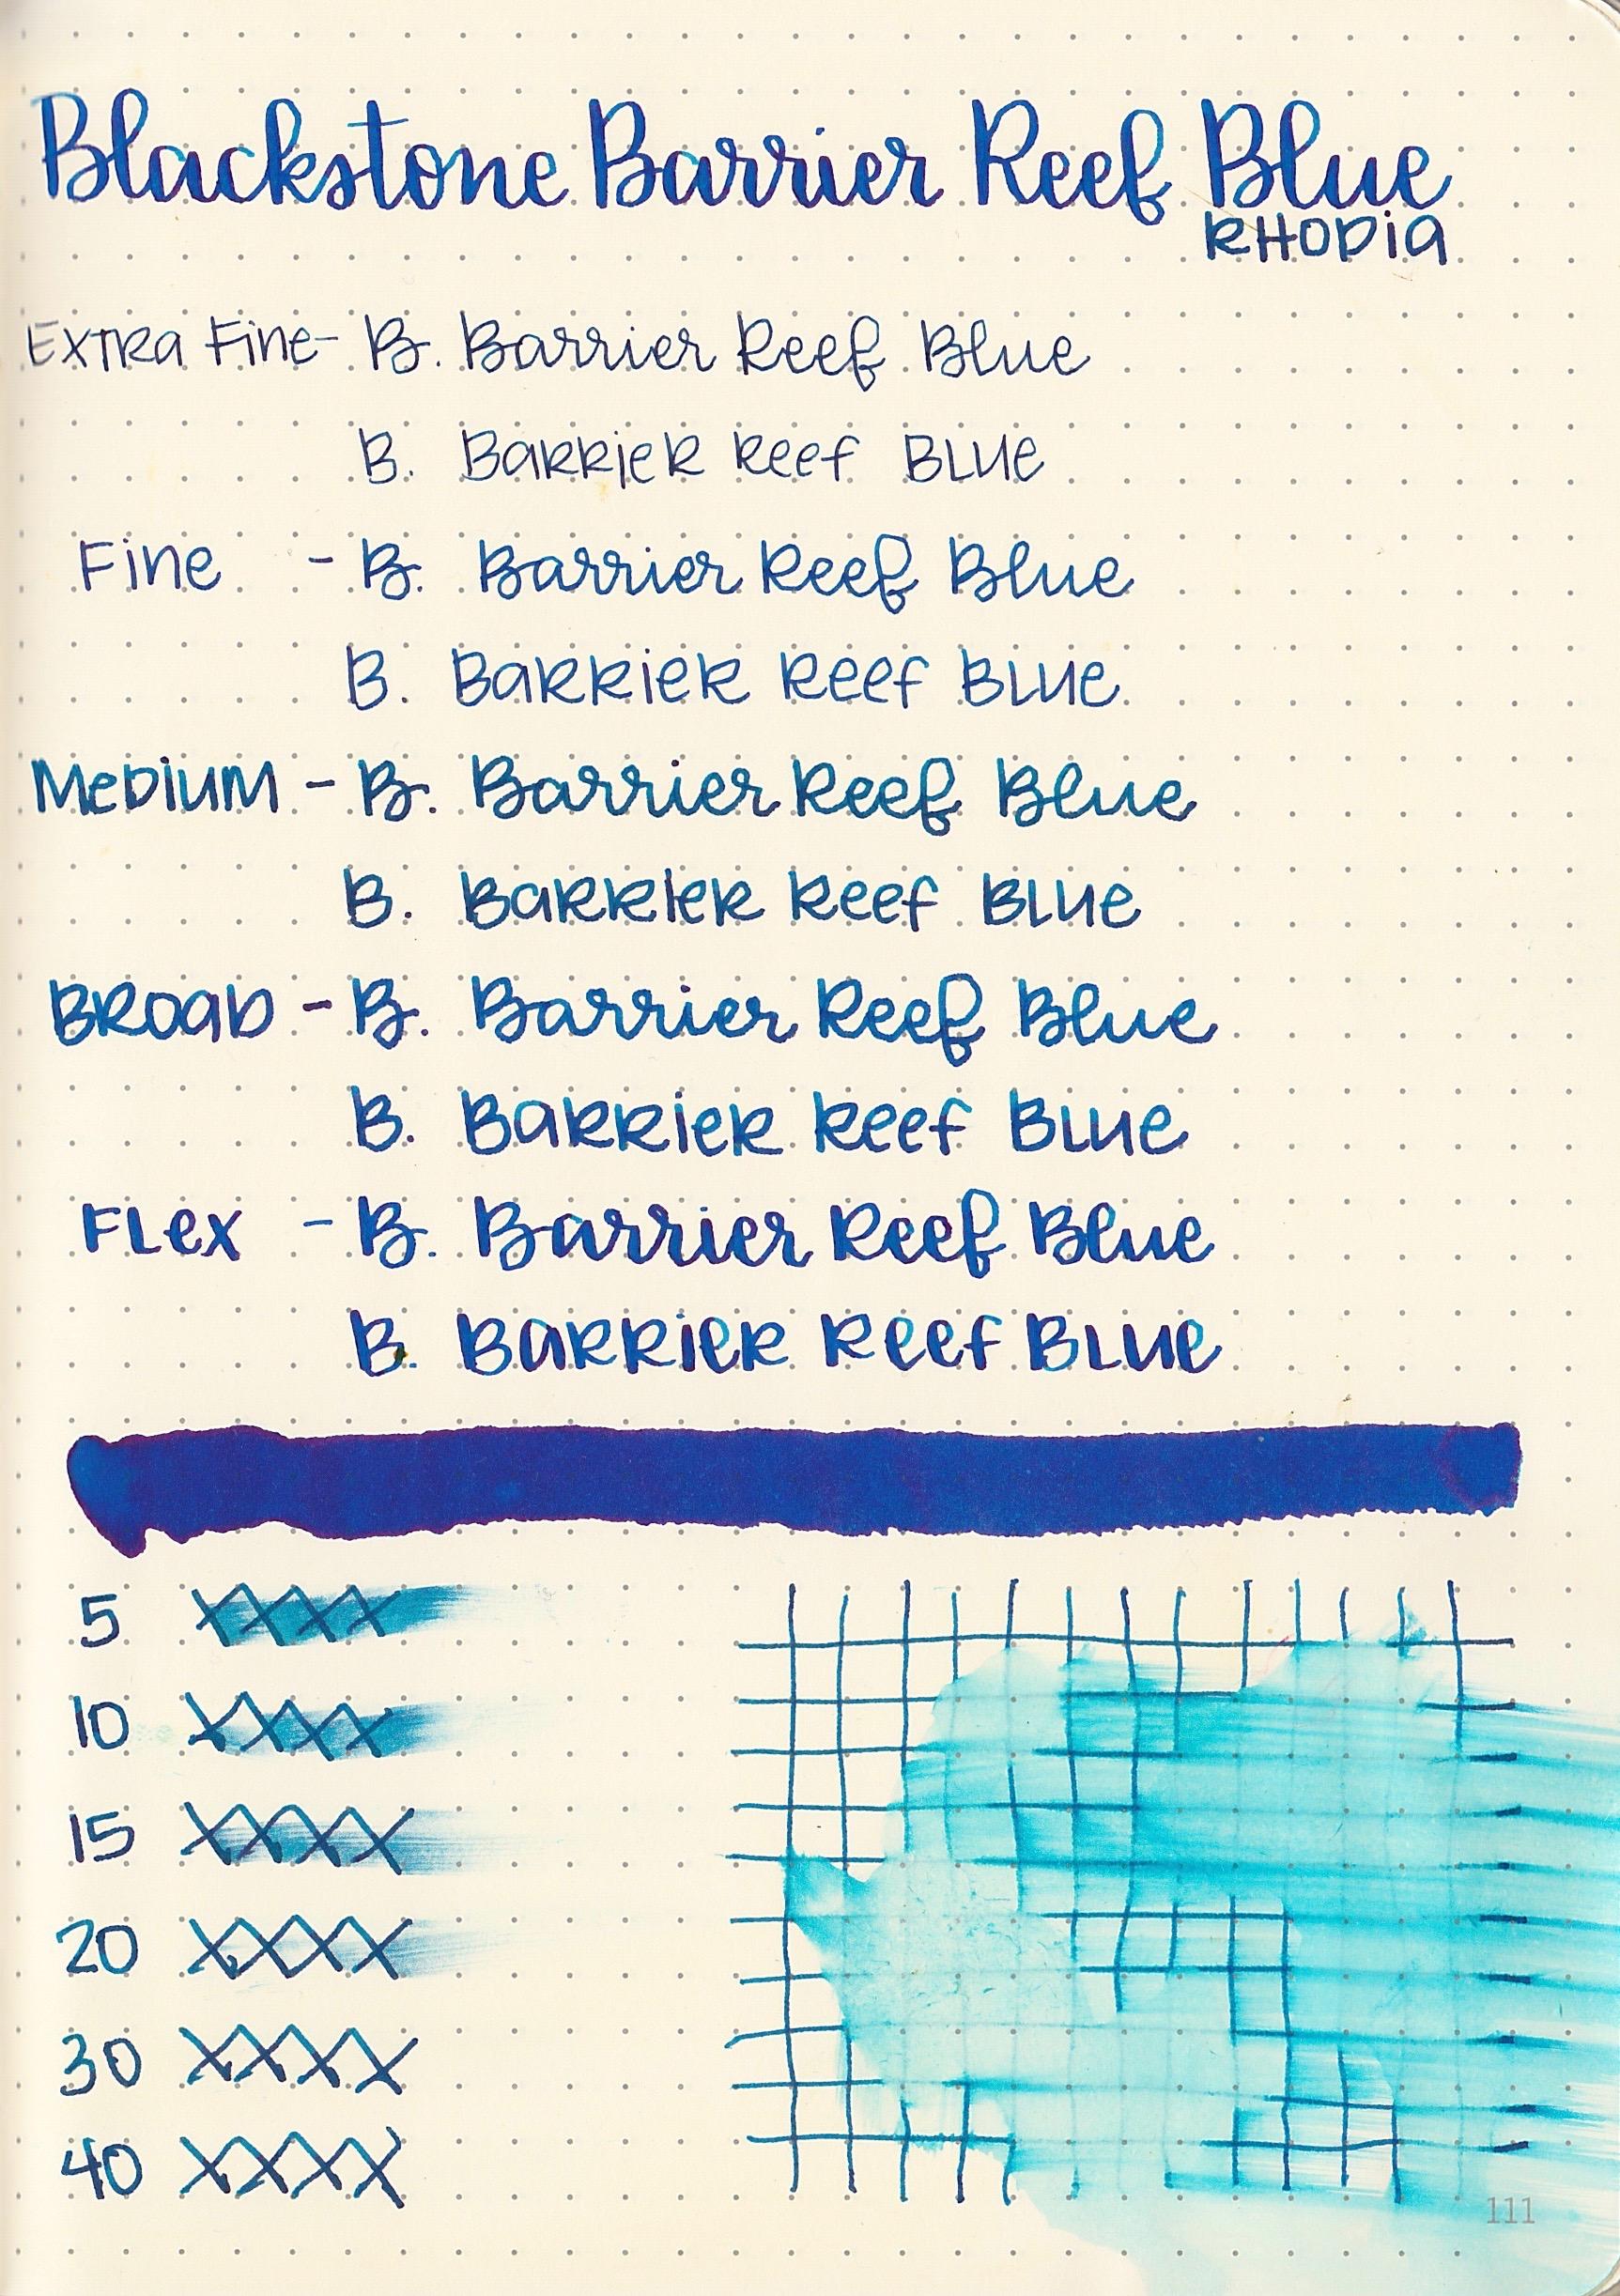 BSBarrierReefBlue - 8.jpg